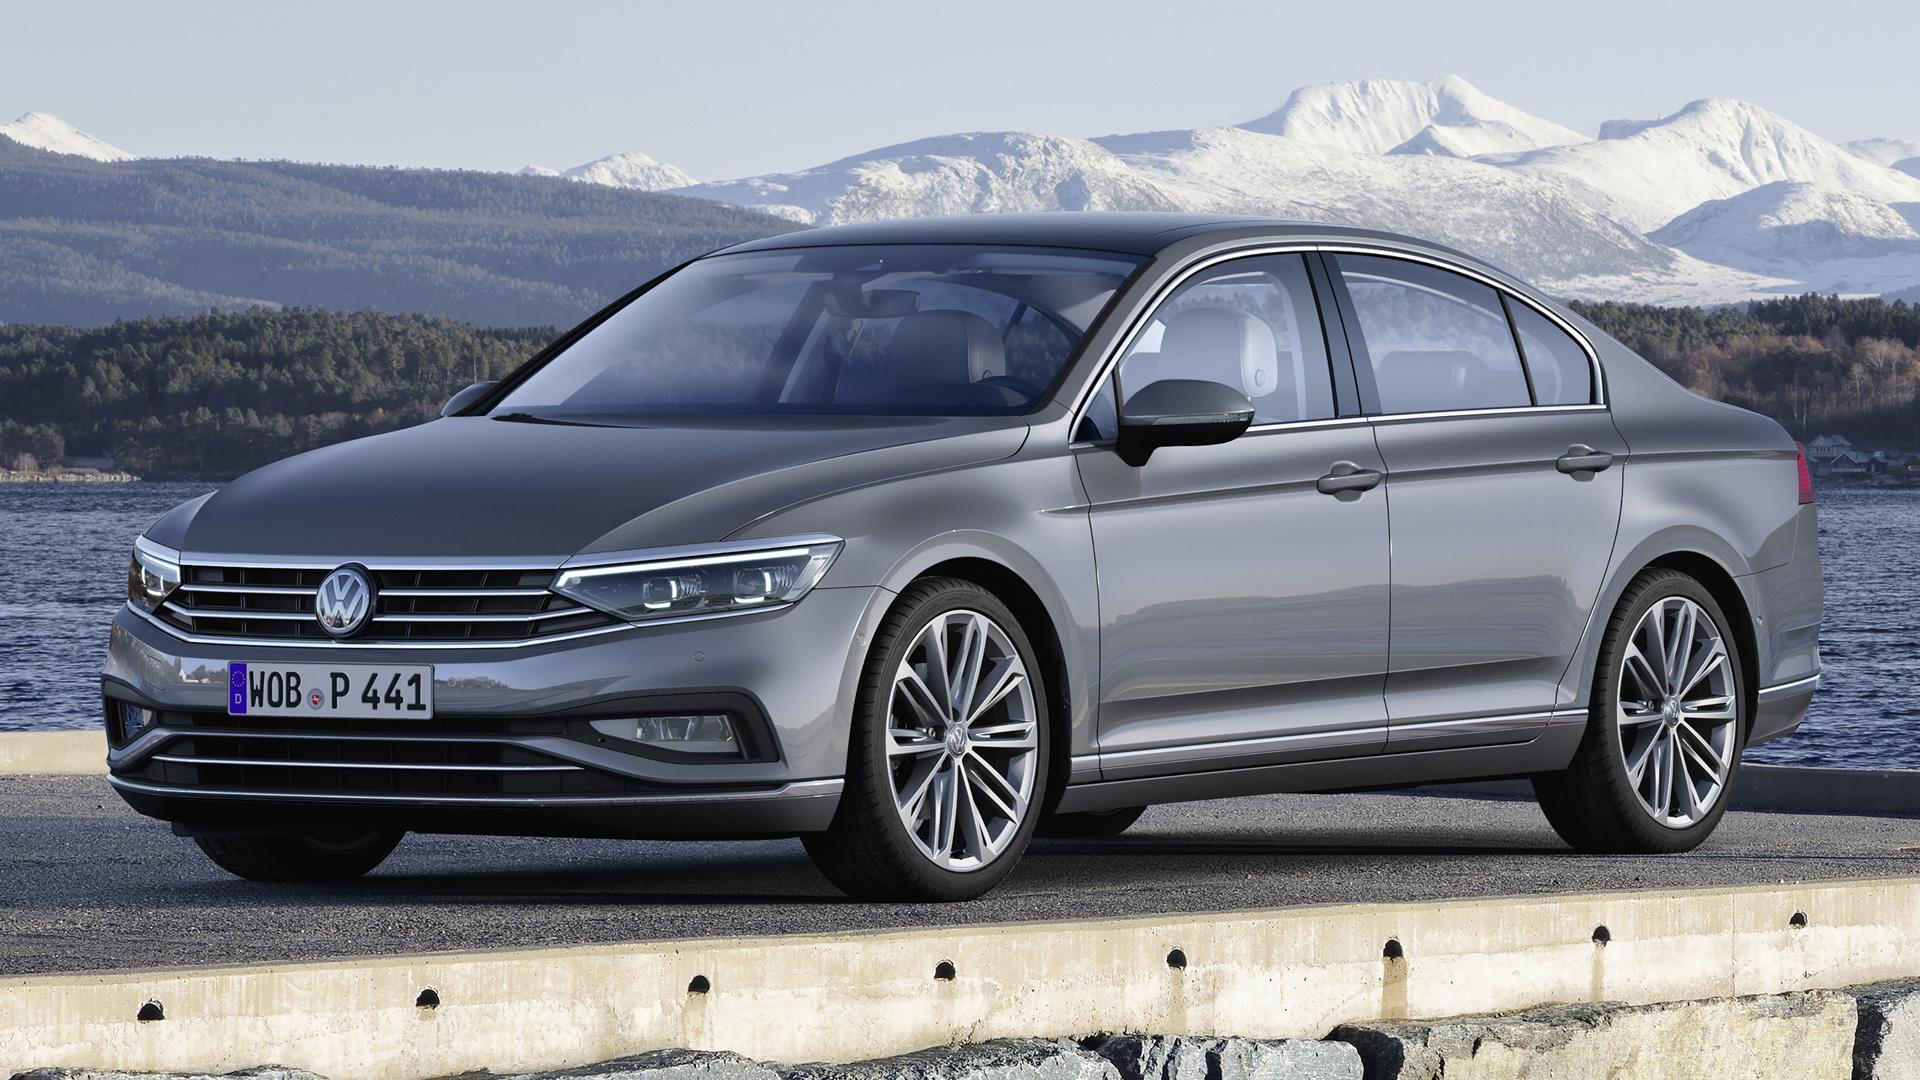 2019 Volkswagen Passat   Wallpapers and HD Images Car Pixel 1920x1080